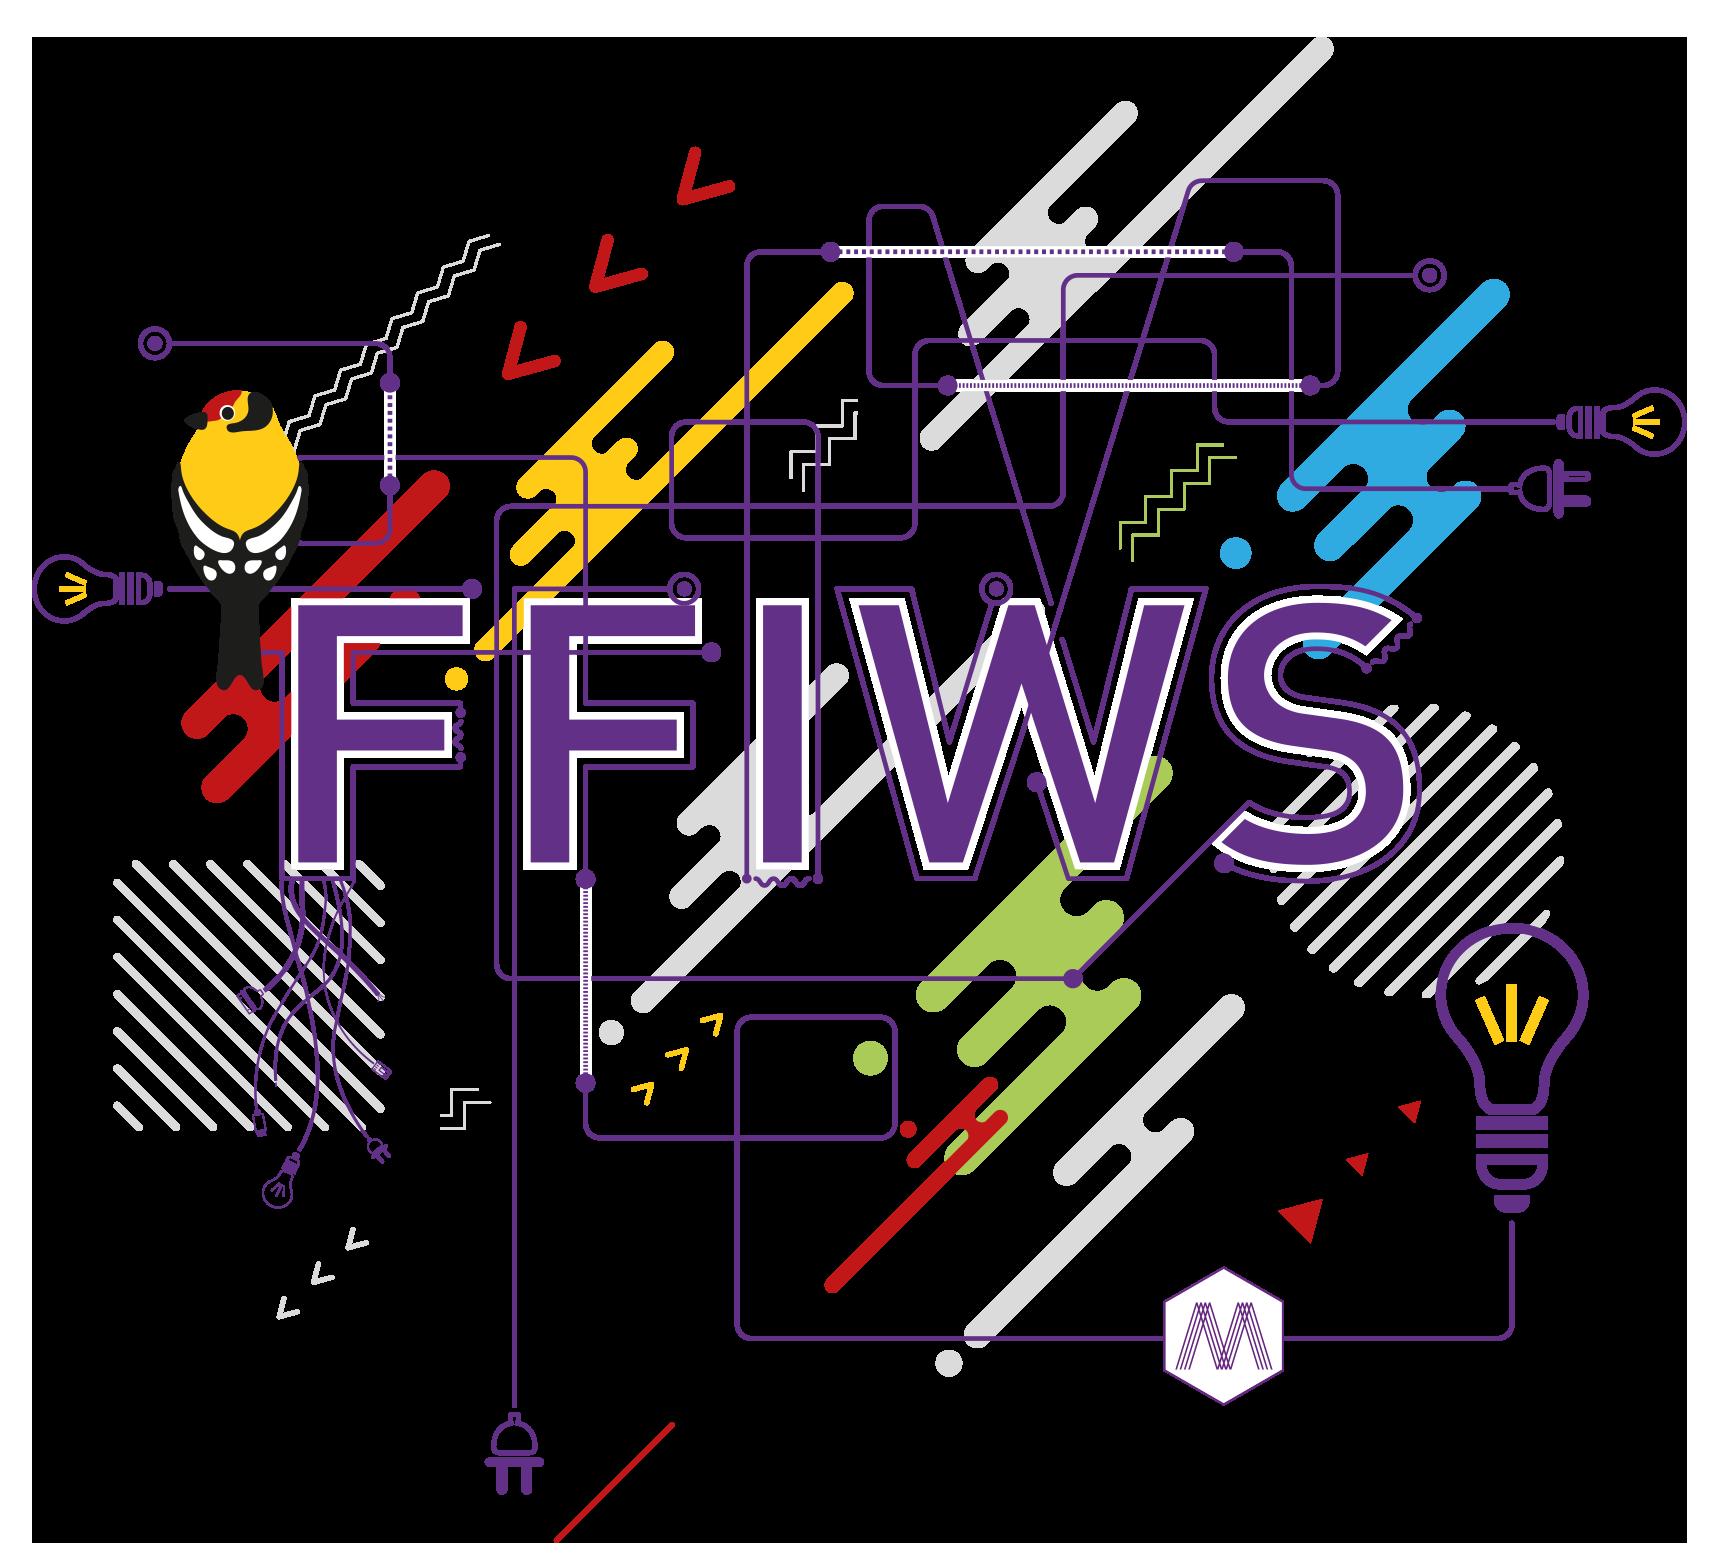 Ffiws